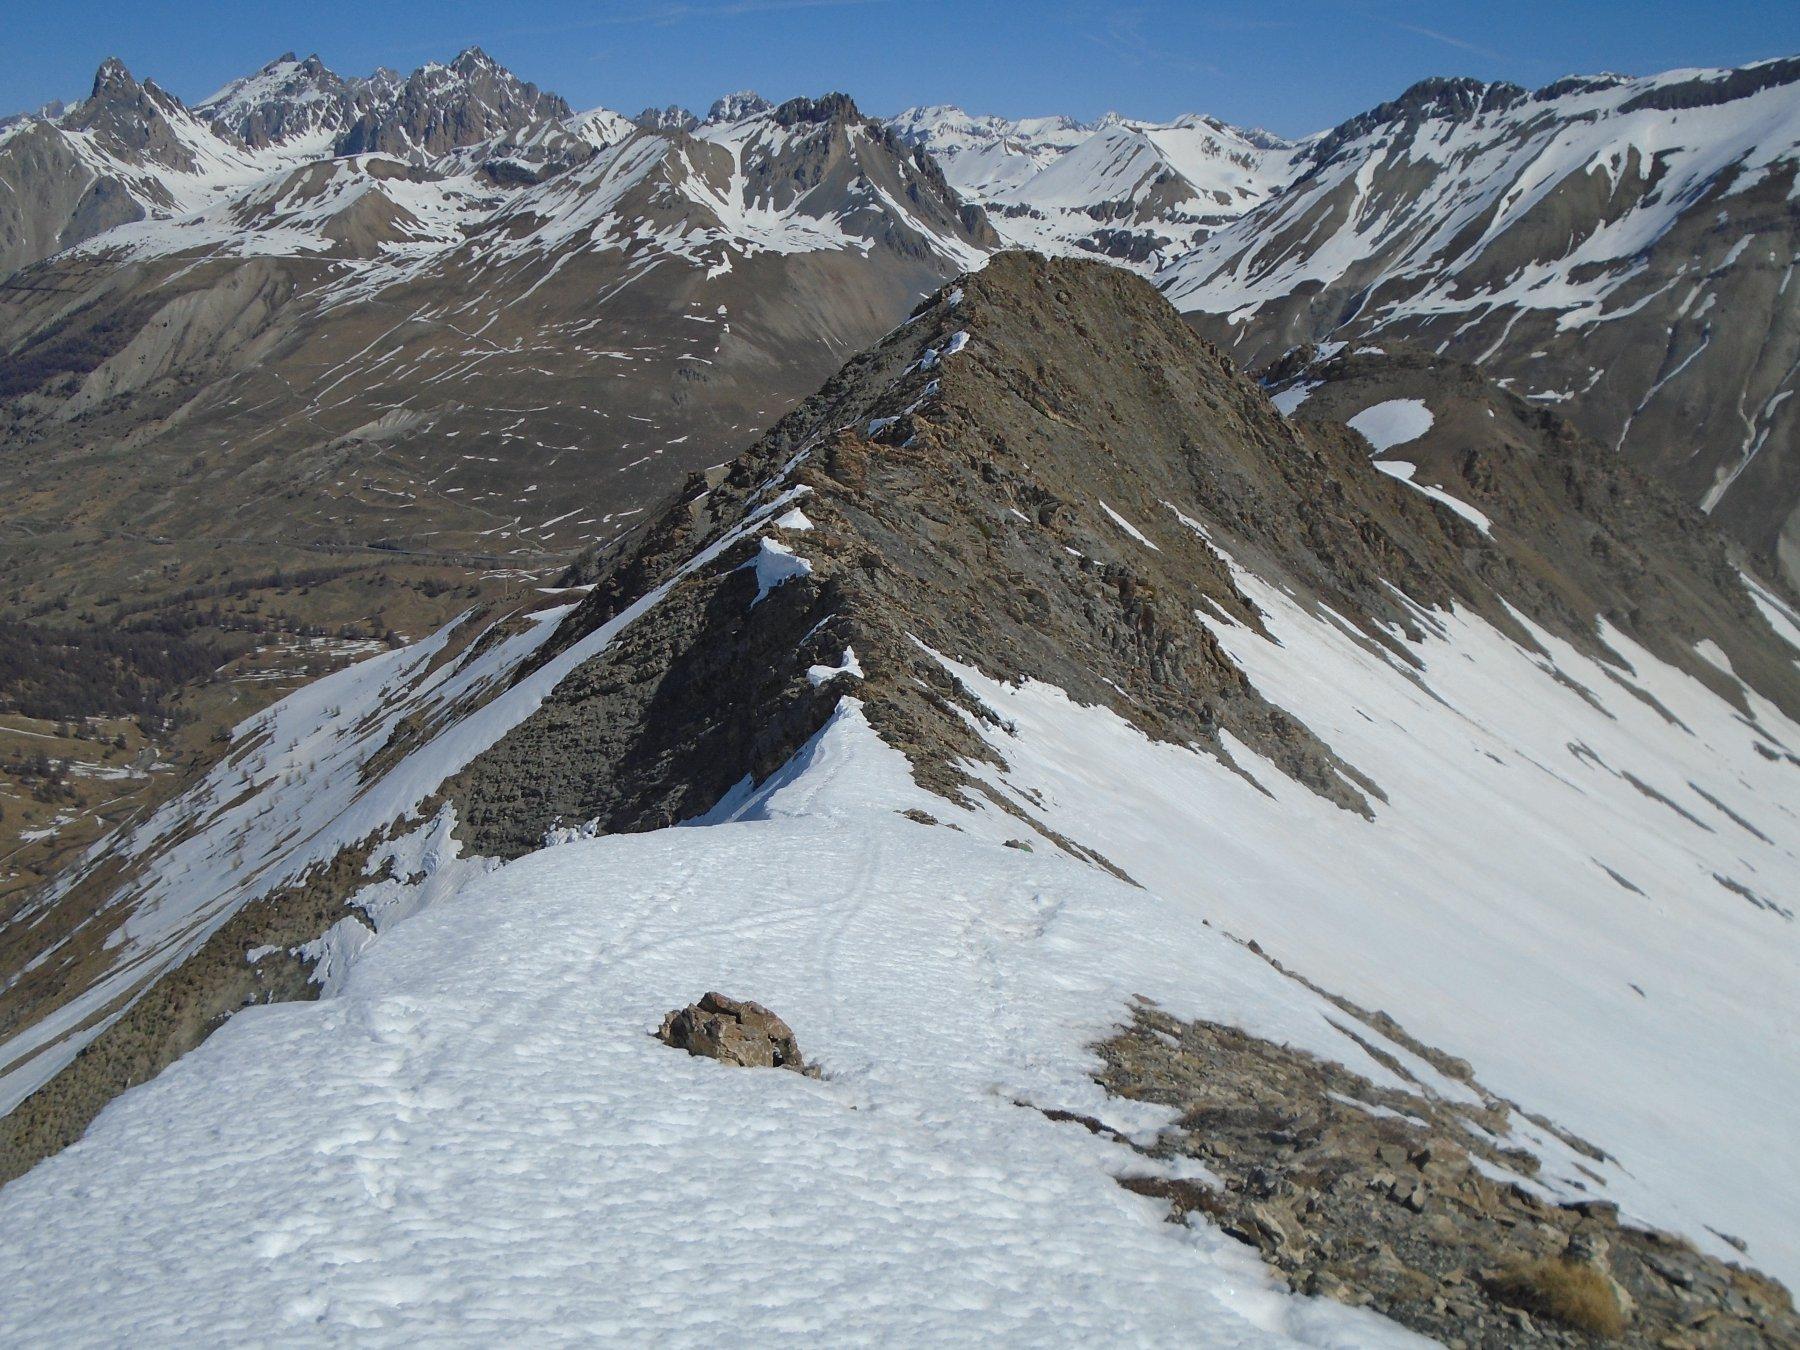 Sguardo indietro su P. Vallonetto e cresta percorsa